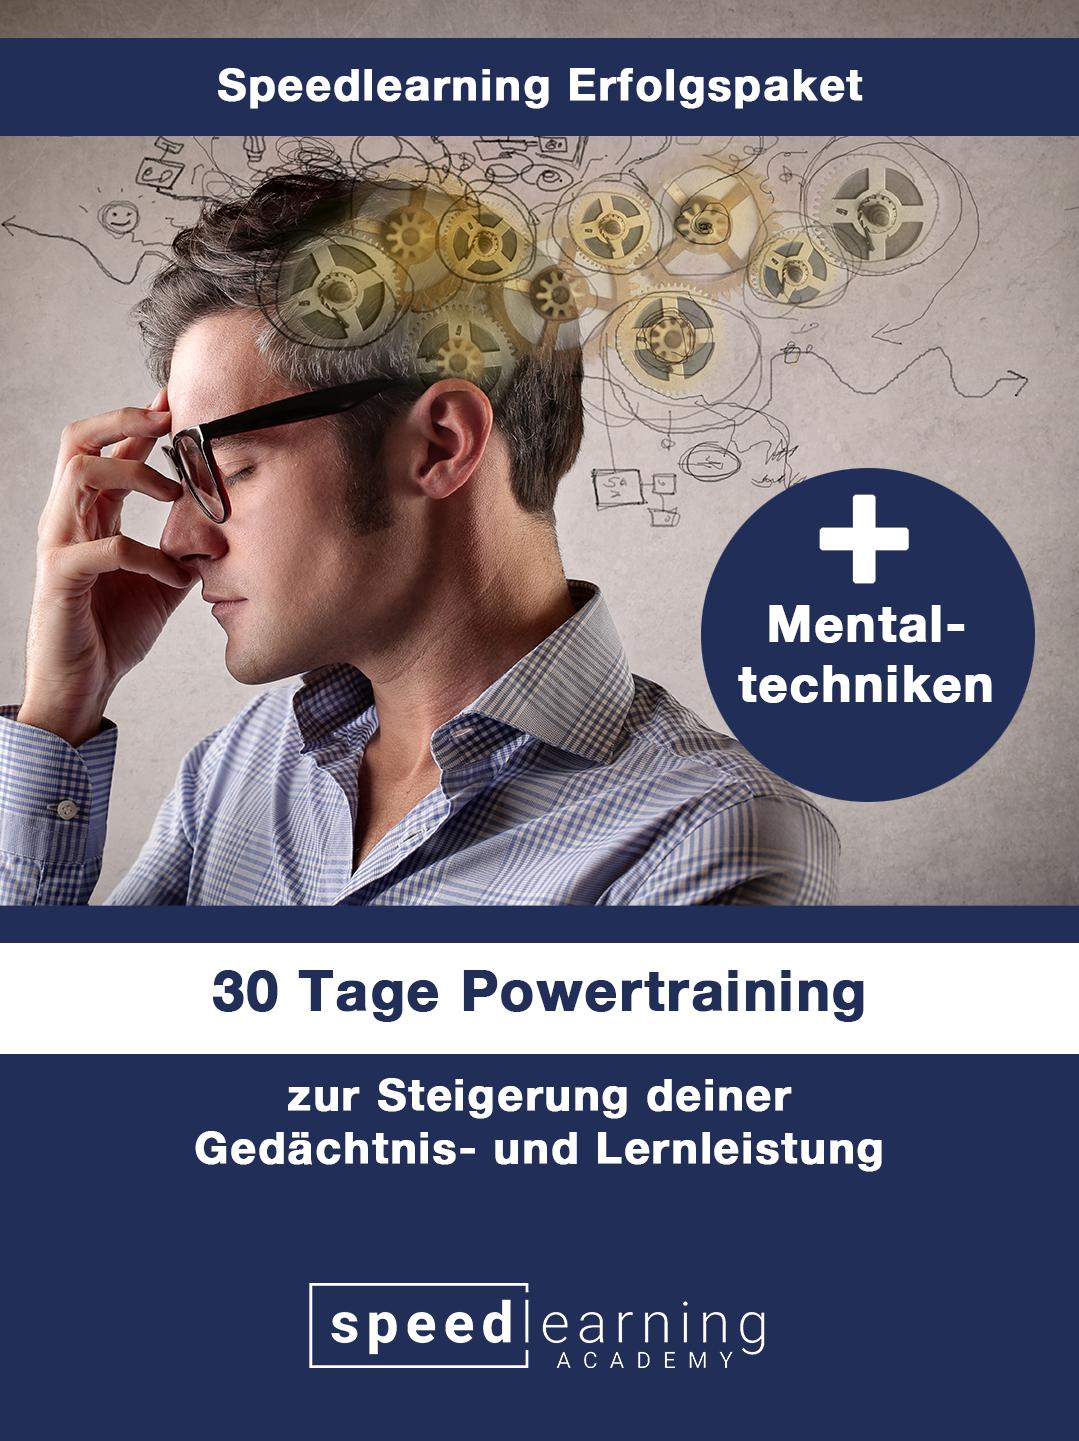 Speedlearning Erfolgspaket 30 Tage Gedächtnistraining, das dir hilft eine mentalen Fähigkeiten innerhalb kurzer Zeit zu verbessern.